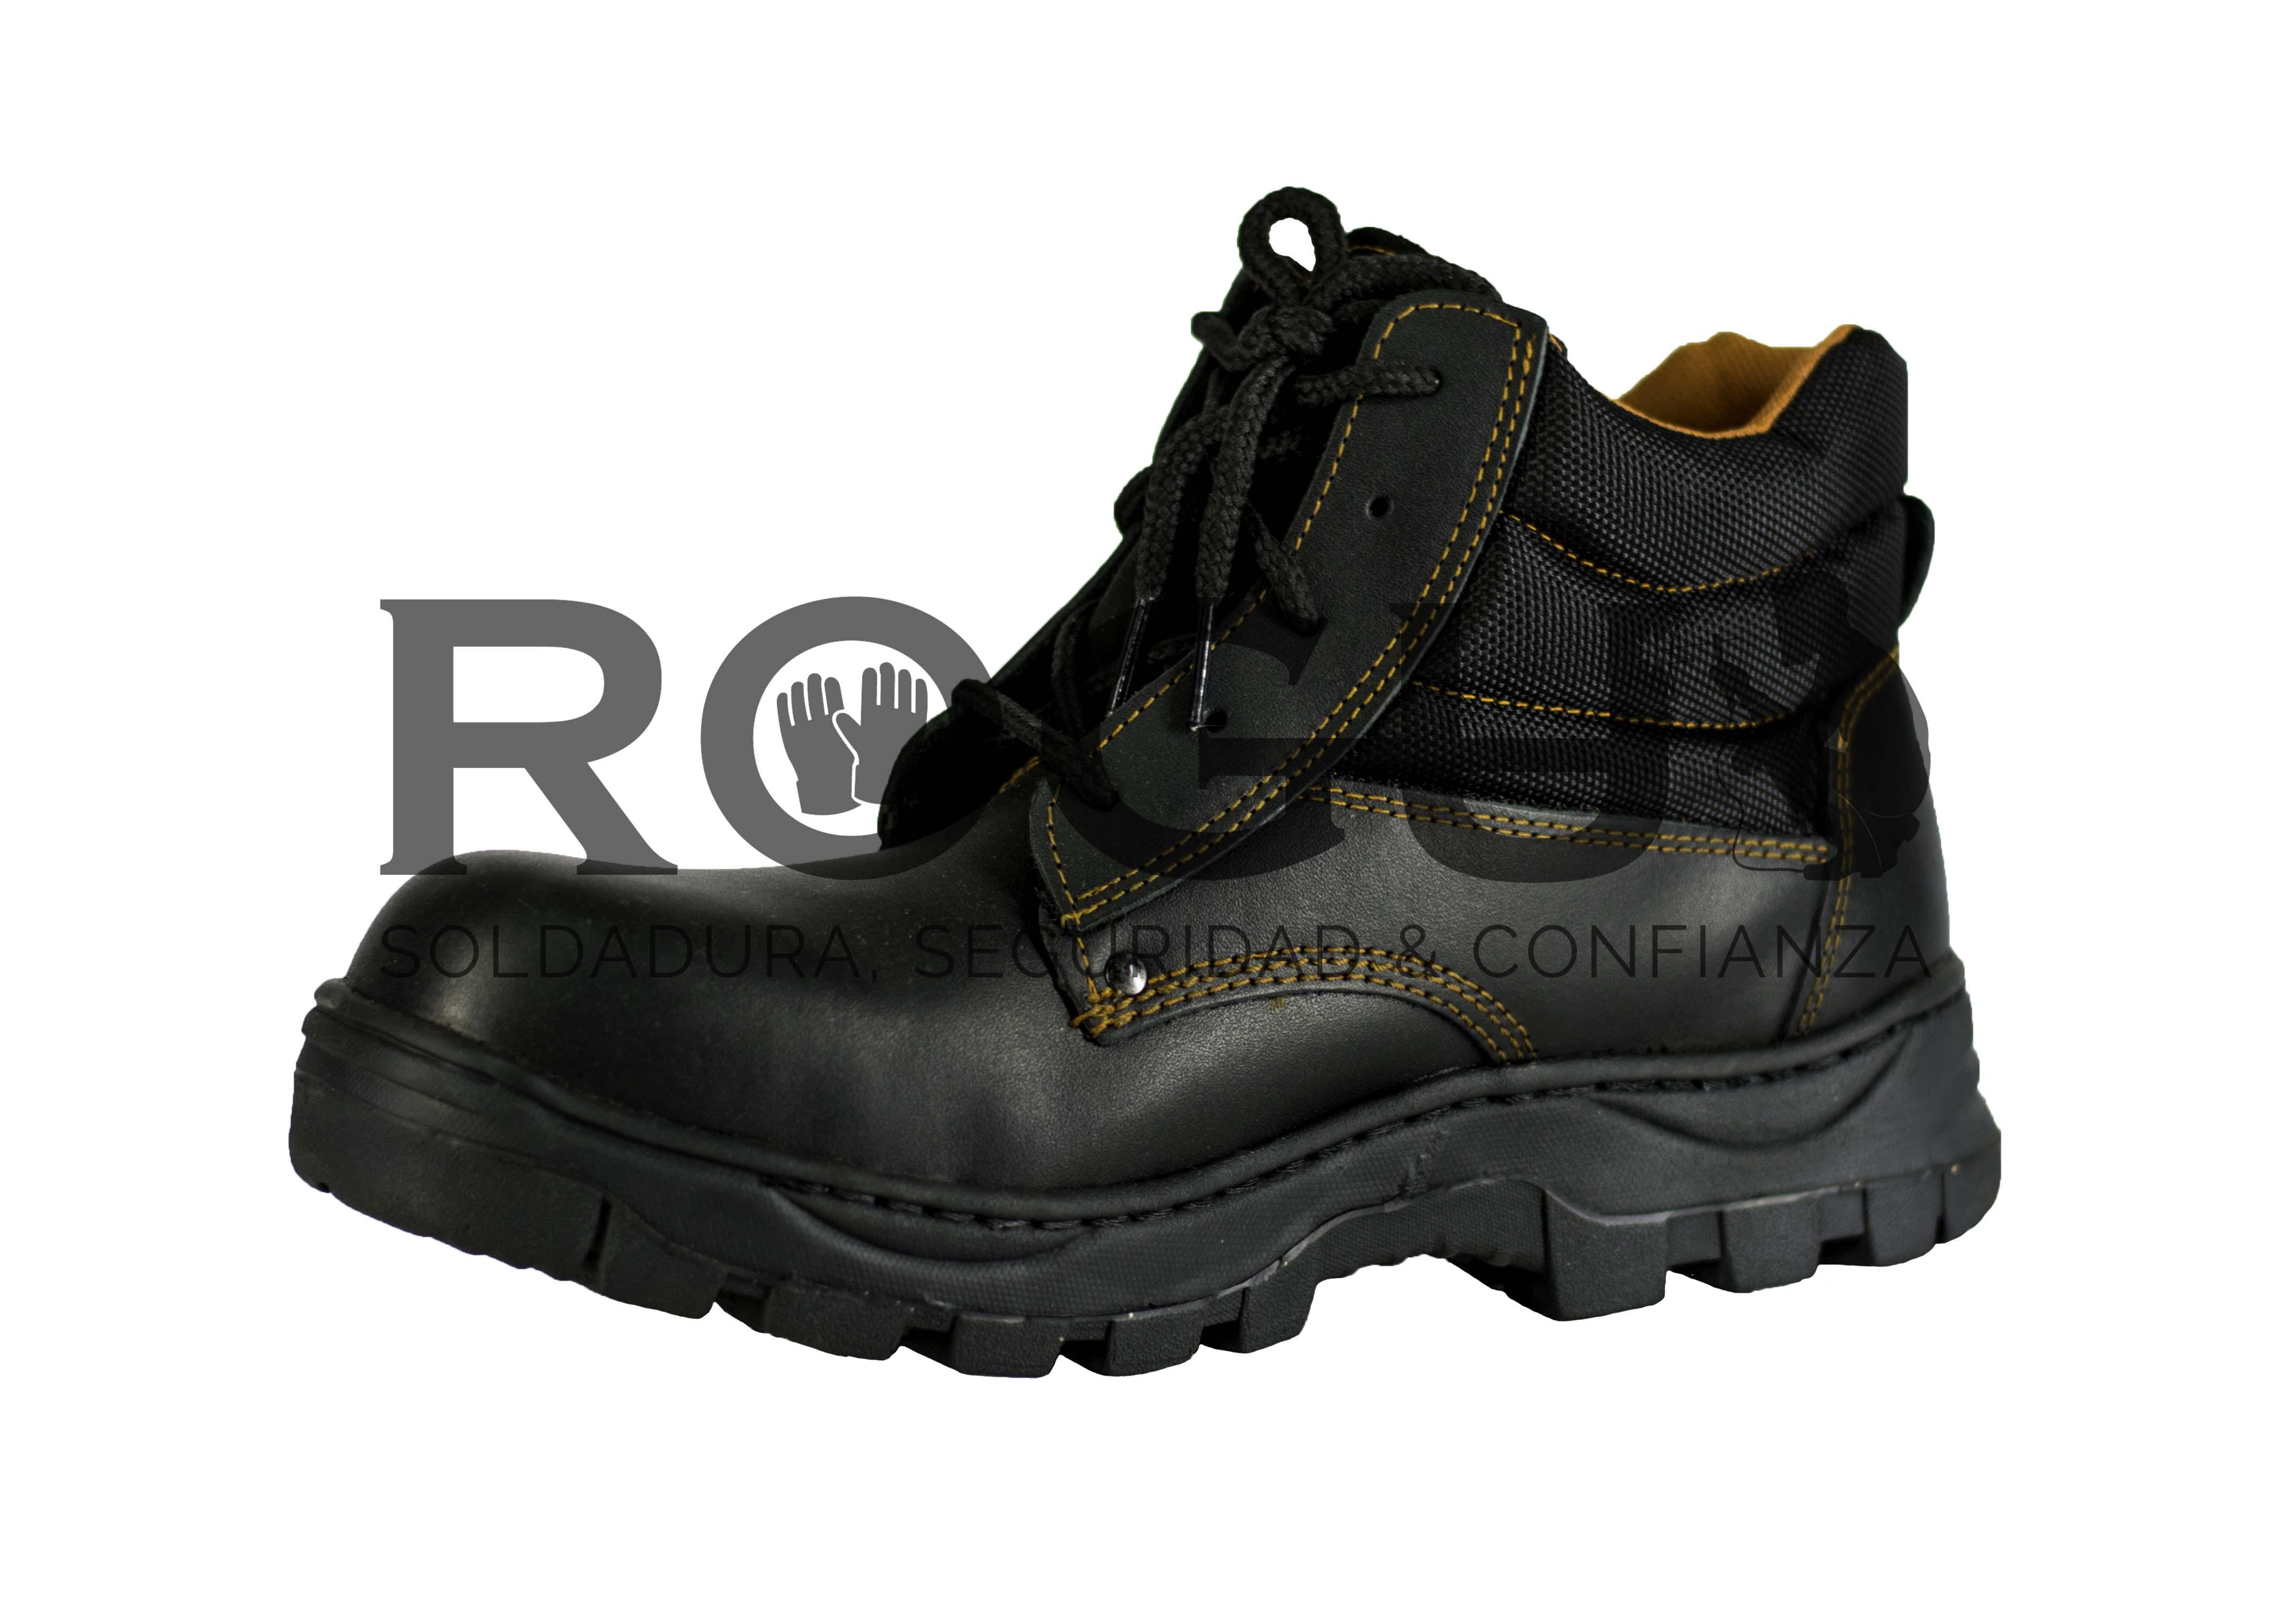 7914e54de47 Calzado de Seguridad - Empresa Lider en Seguridad Industrial y ...